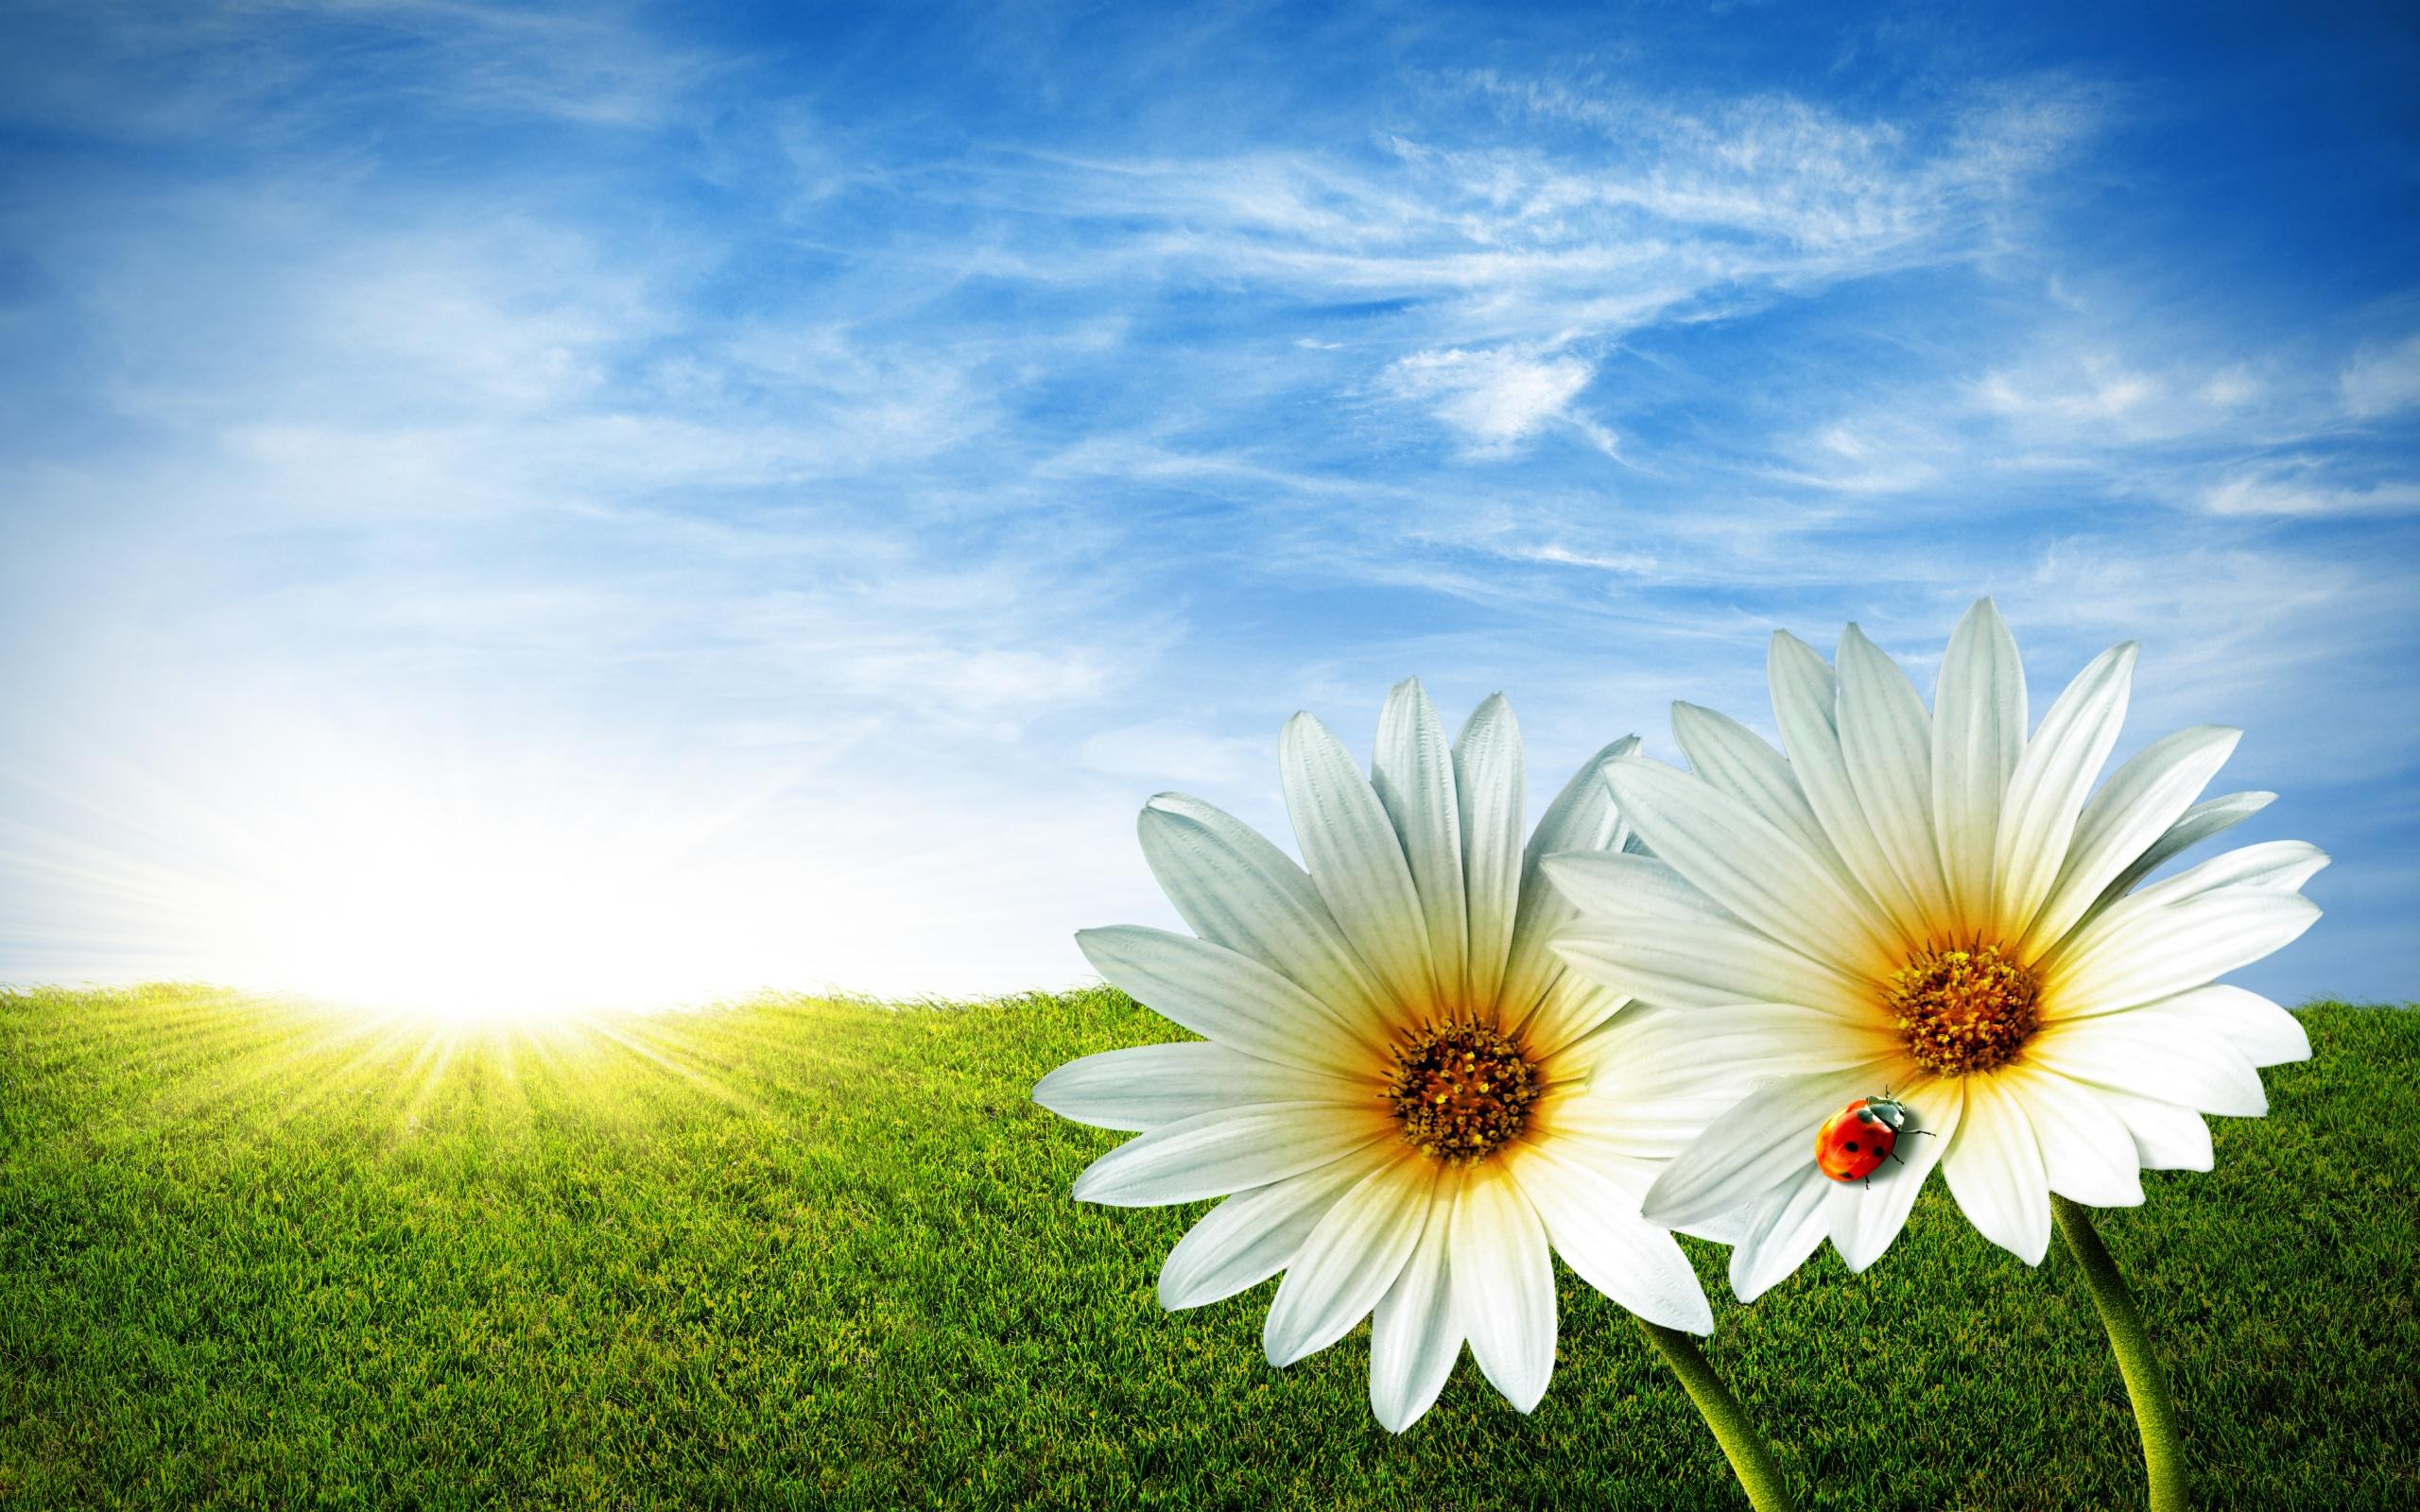 Flores blancas en paisajes - 2560x1600